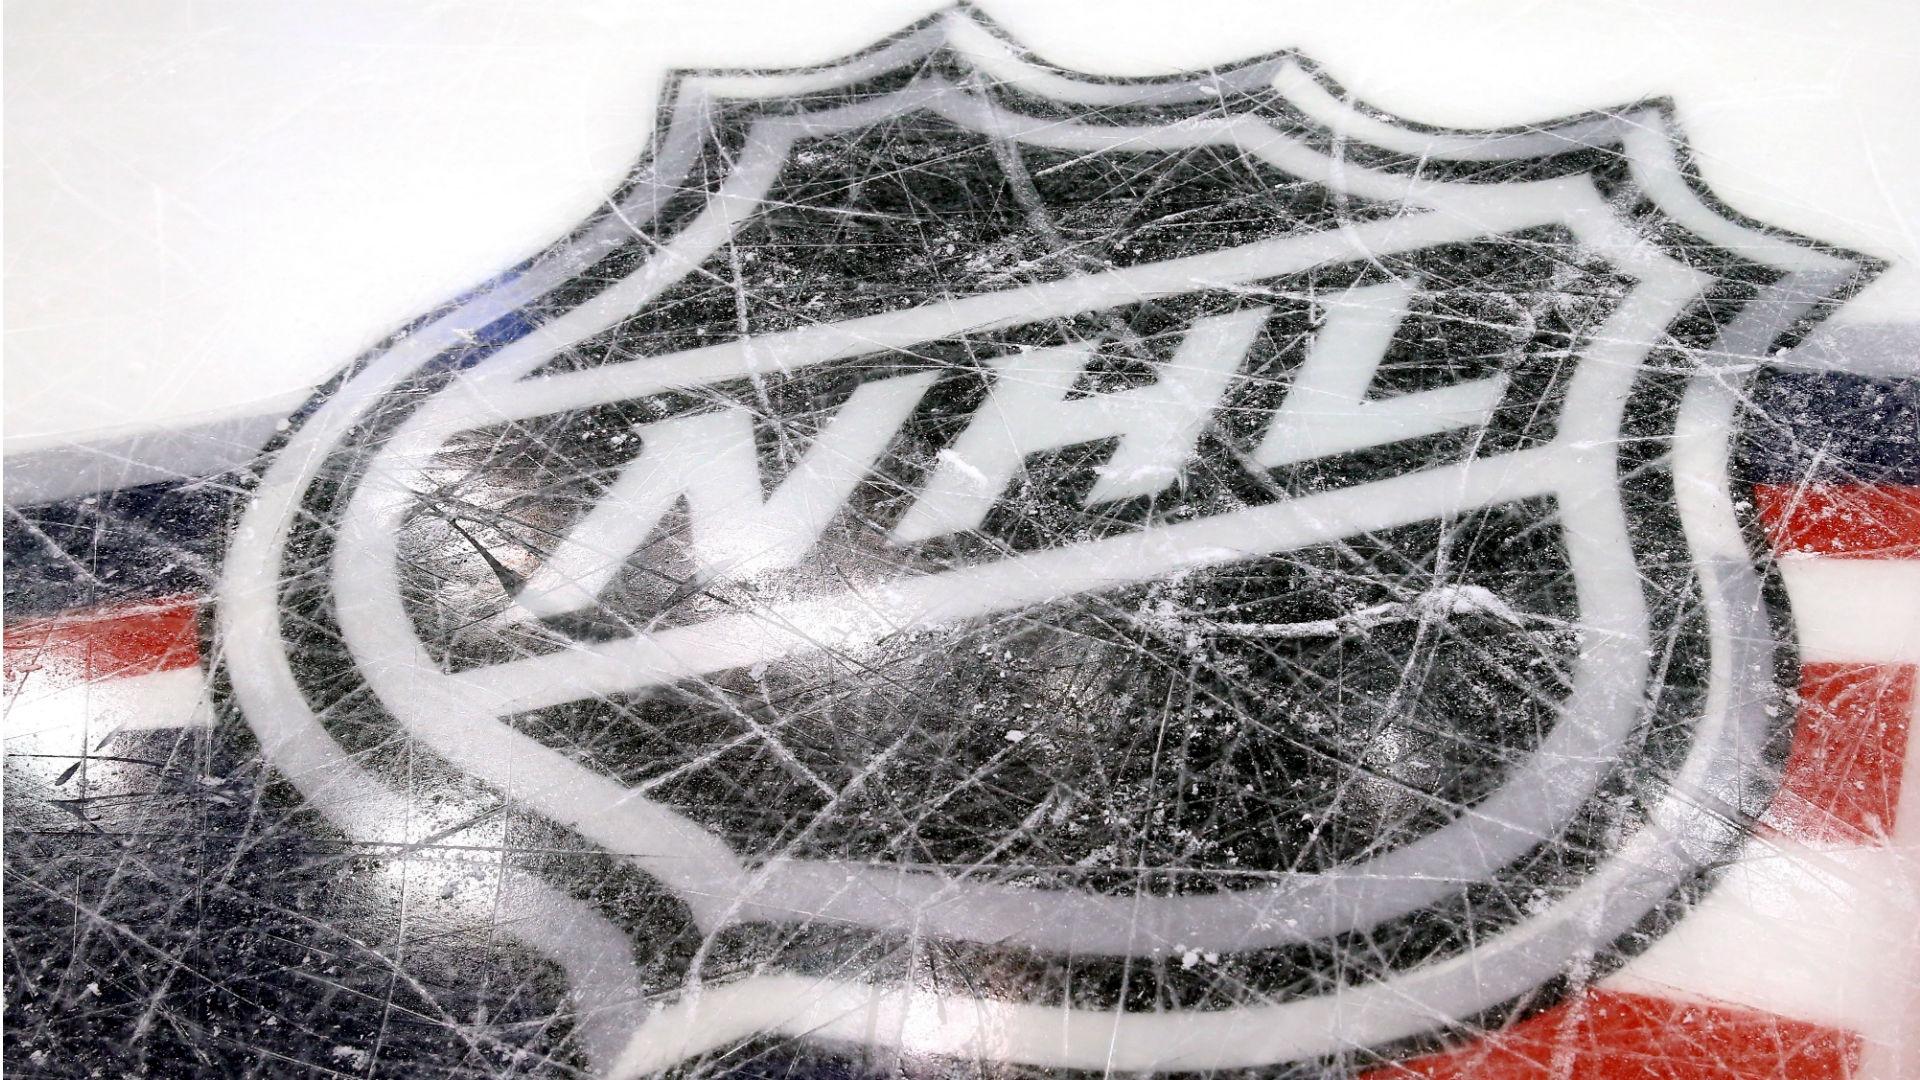 Първенство на Националната хокейна лига на САЩ и Канада (НХЛ):